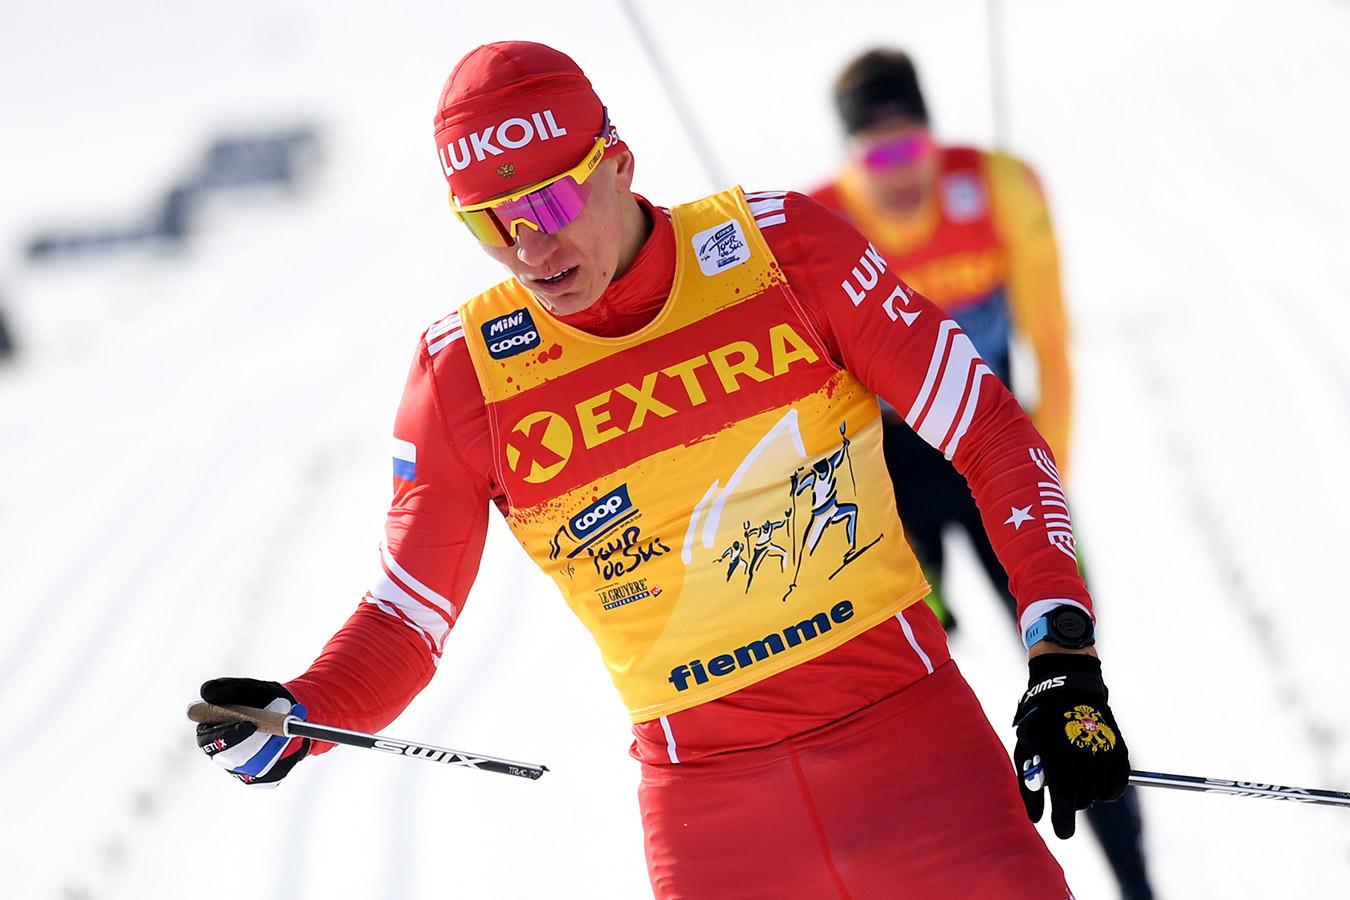 Большунов стал 4-м в спринте на этапе КМ в Руке. Клебо сенсационно уступил Вальнесу